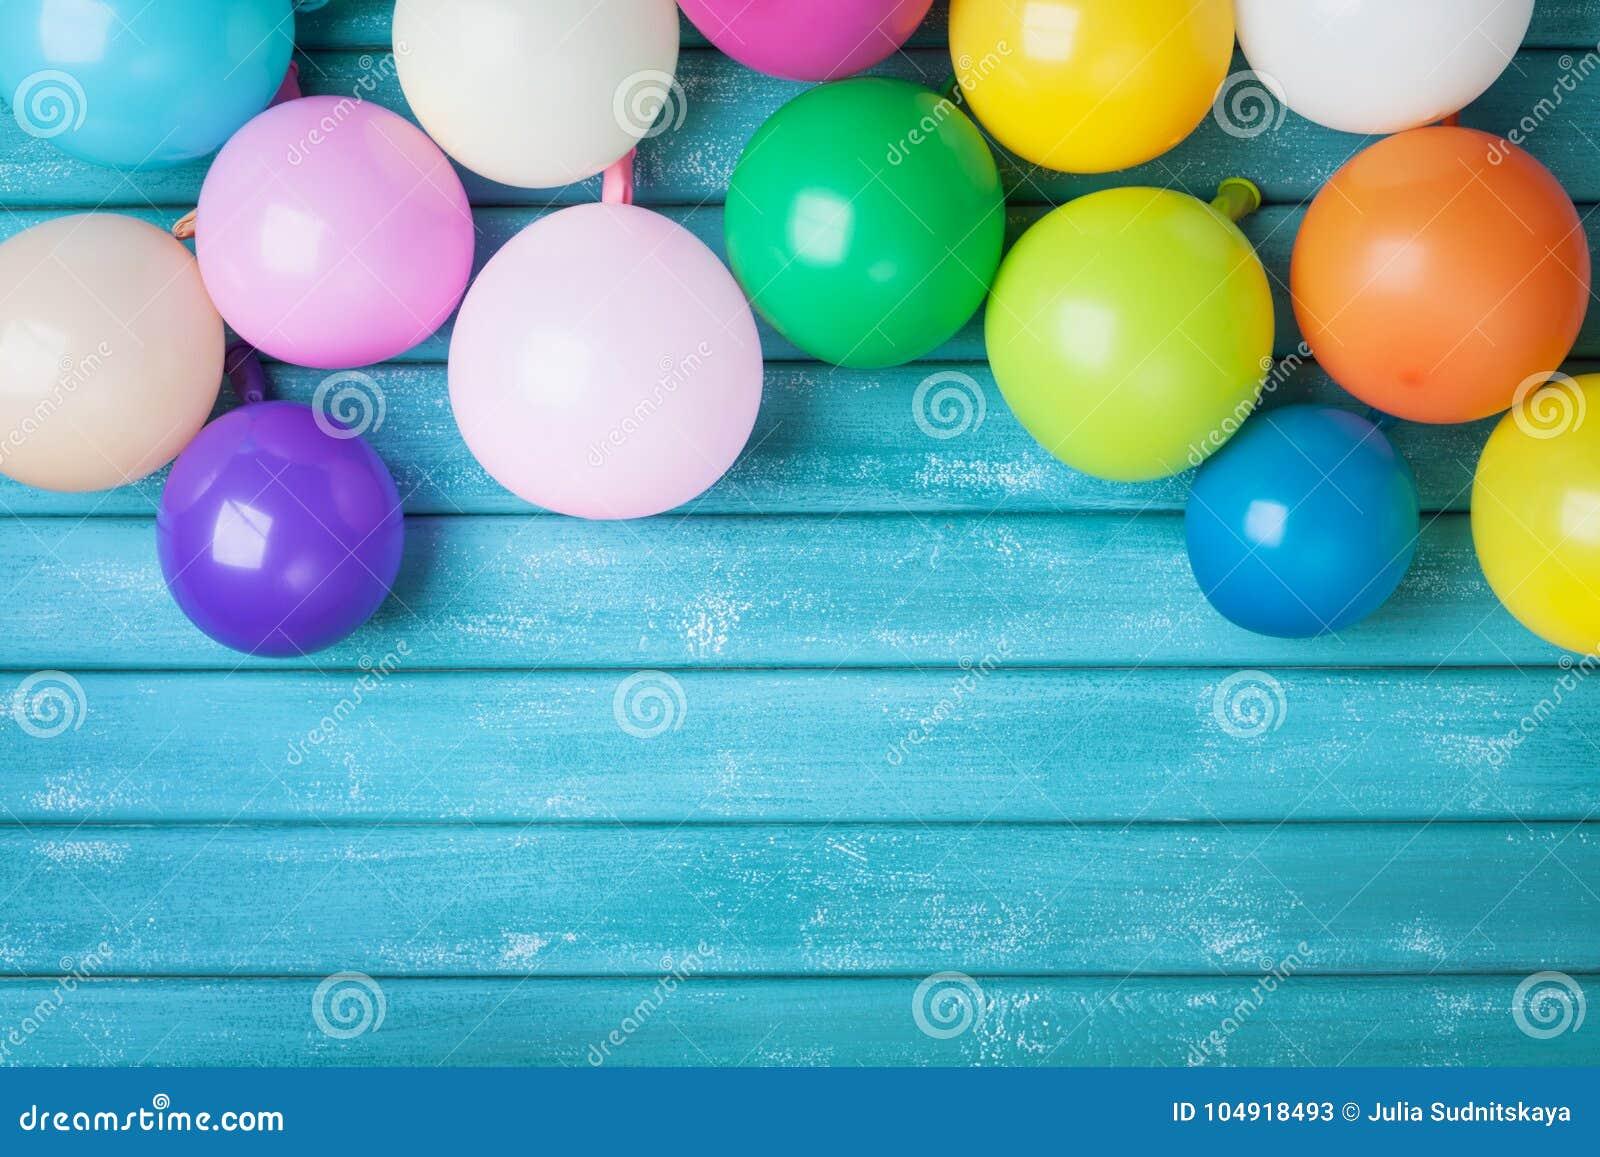 Globos coloridos en la opinión de sobremesa de madera de la turquesa Celebración del cumpleaños o fondo del partido Tarjeta de fe